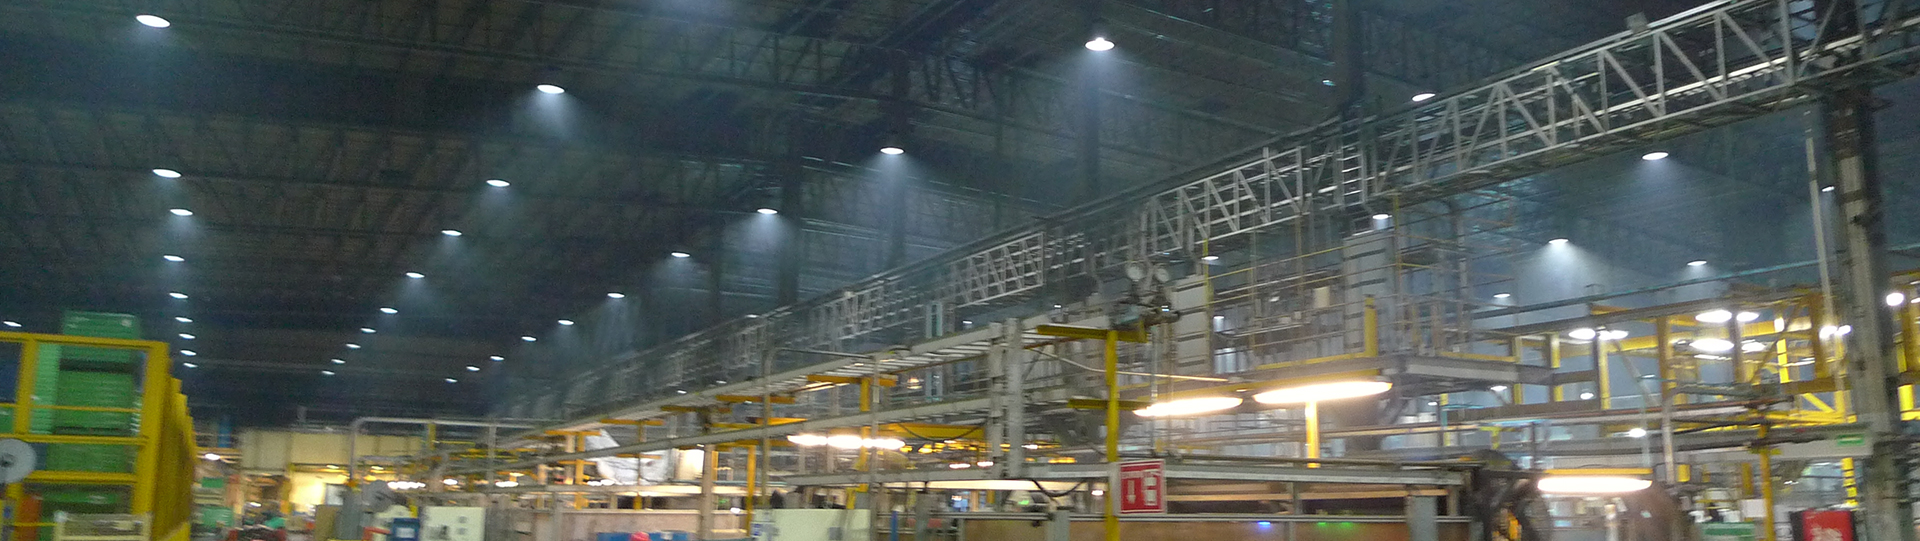 Metalsa Saltillo lighting installations